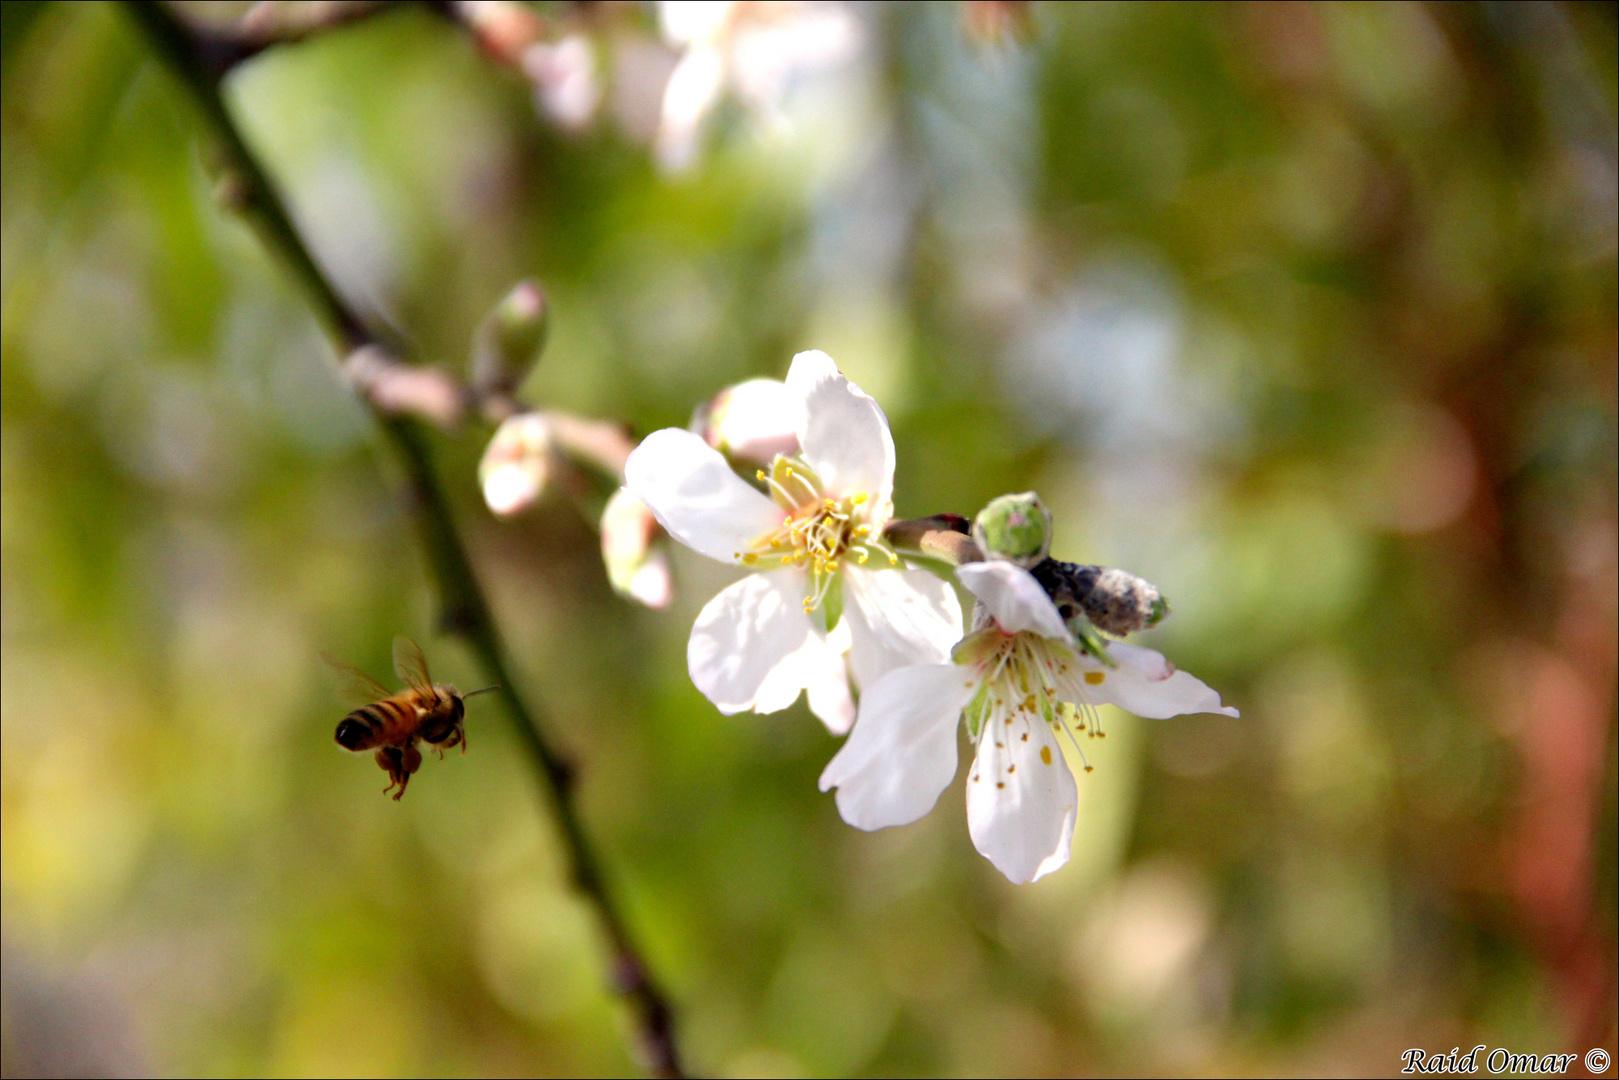 Mandelblüte und eine Biene